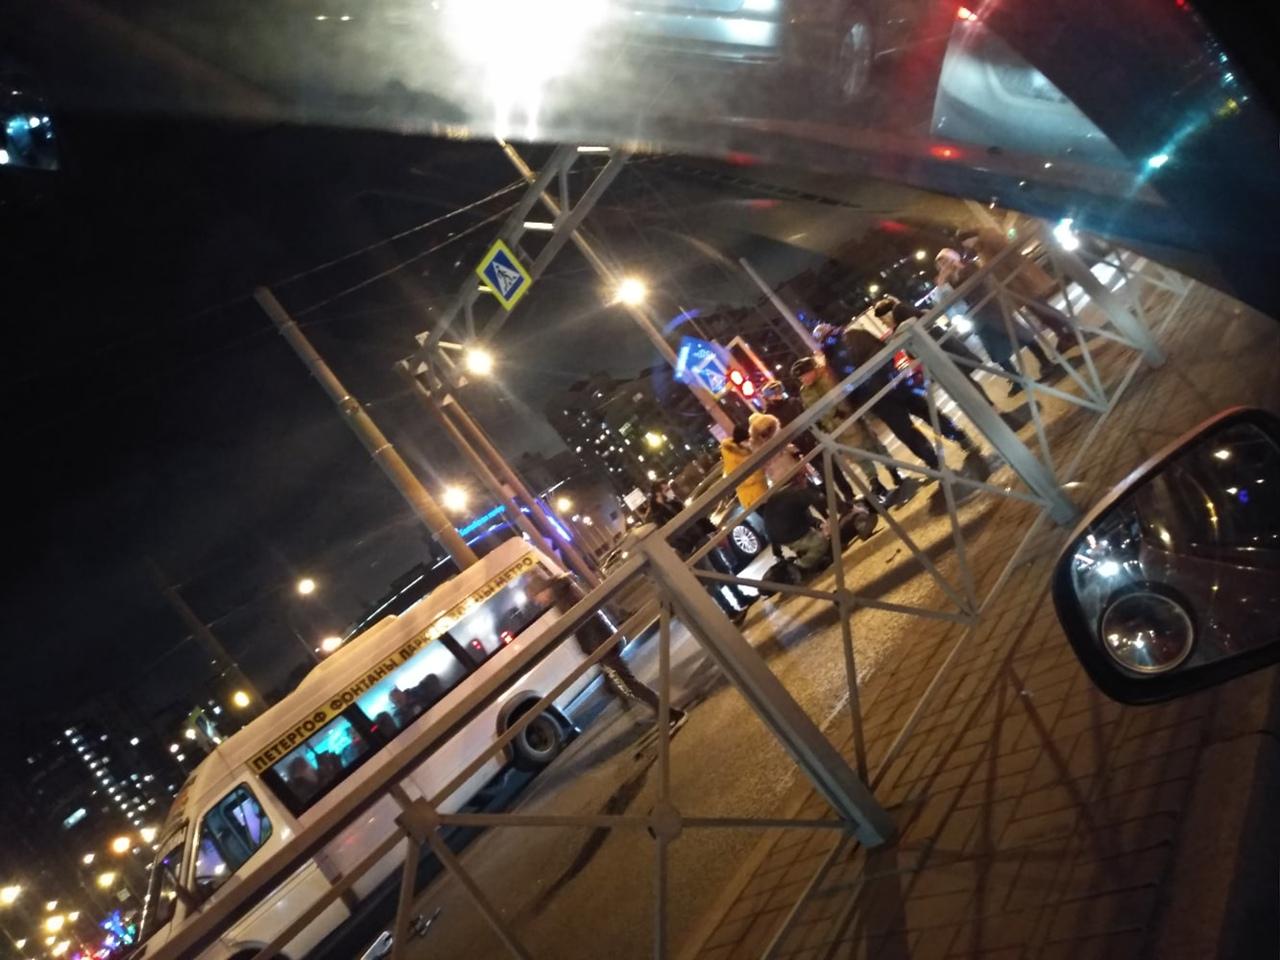 Сбили парня на пешеходном переходе, у ТЦ Жемчужина Плаза. Лежит, не двигается.